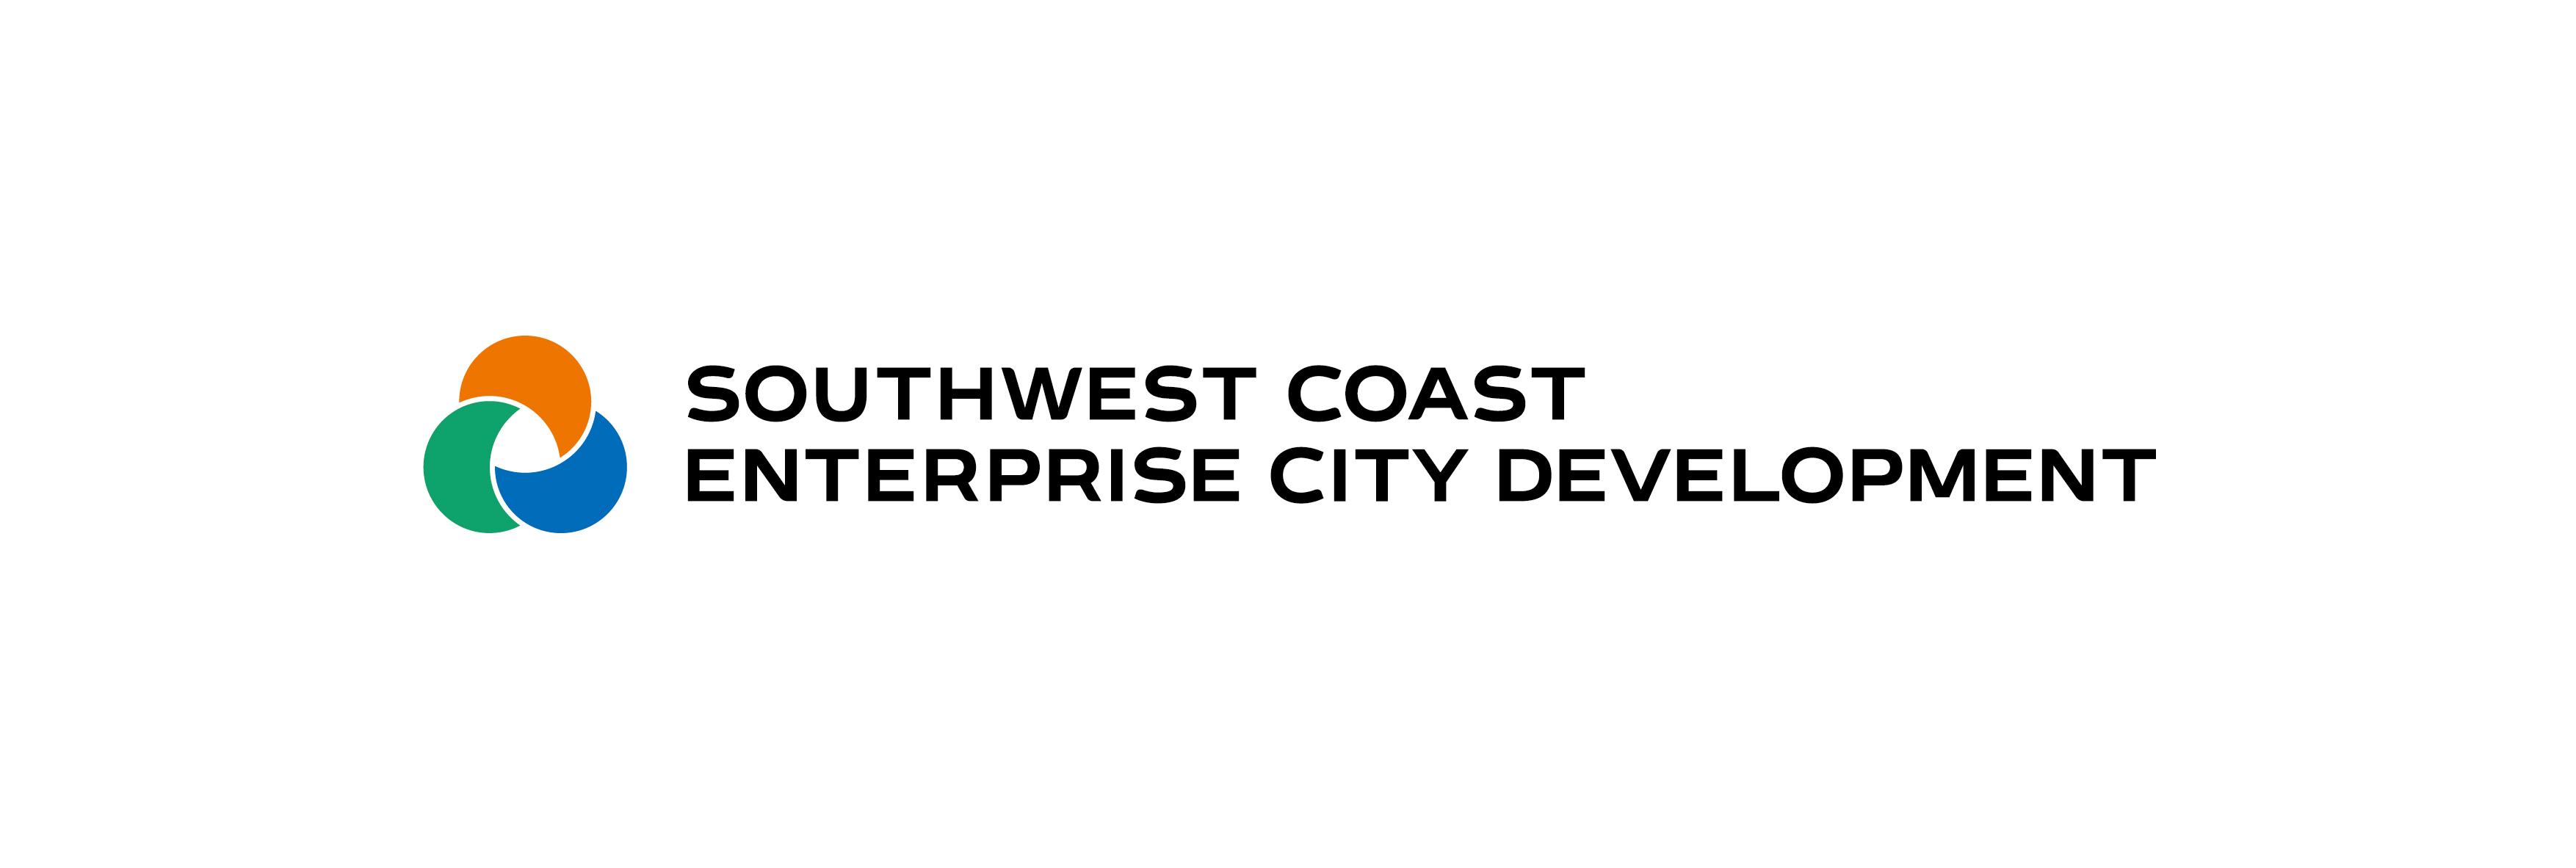 보성의 계열사 서남해안기업도시개발(주)의 로고